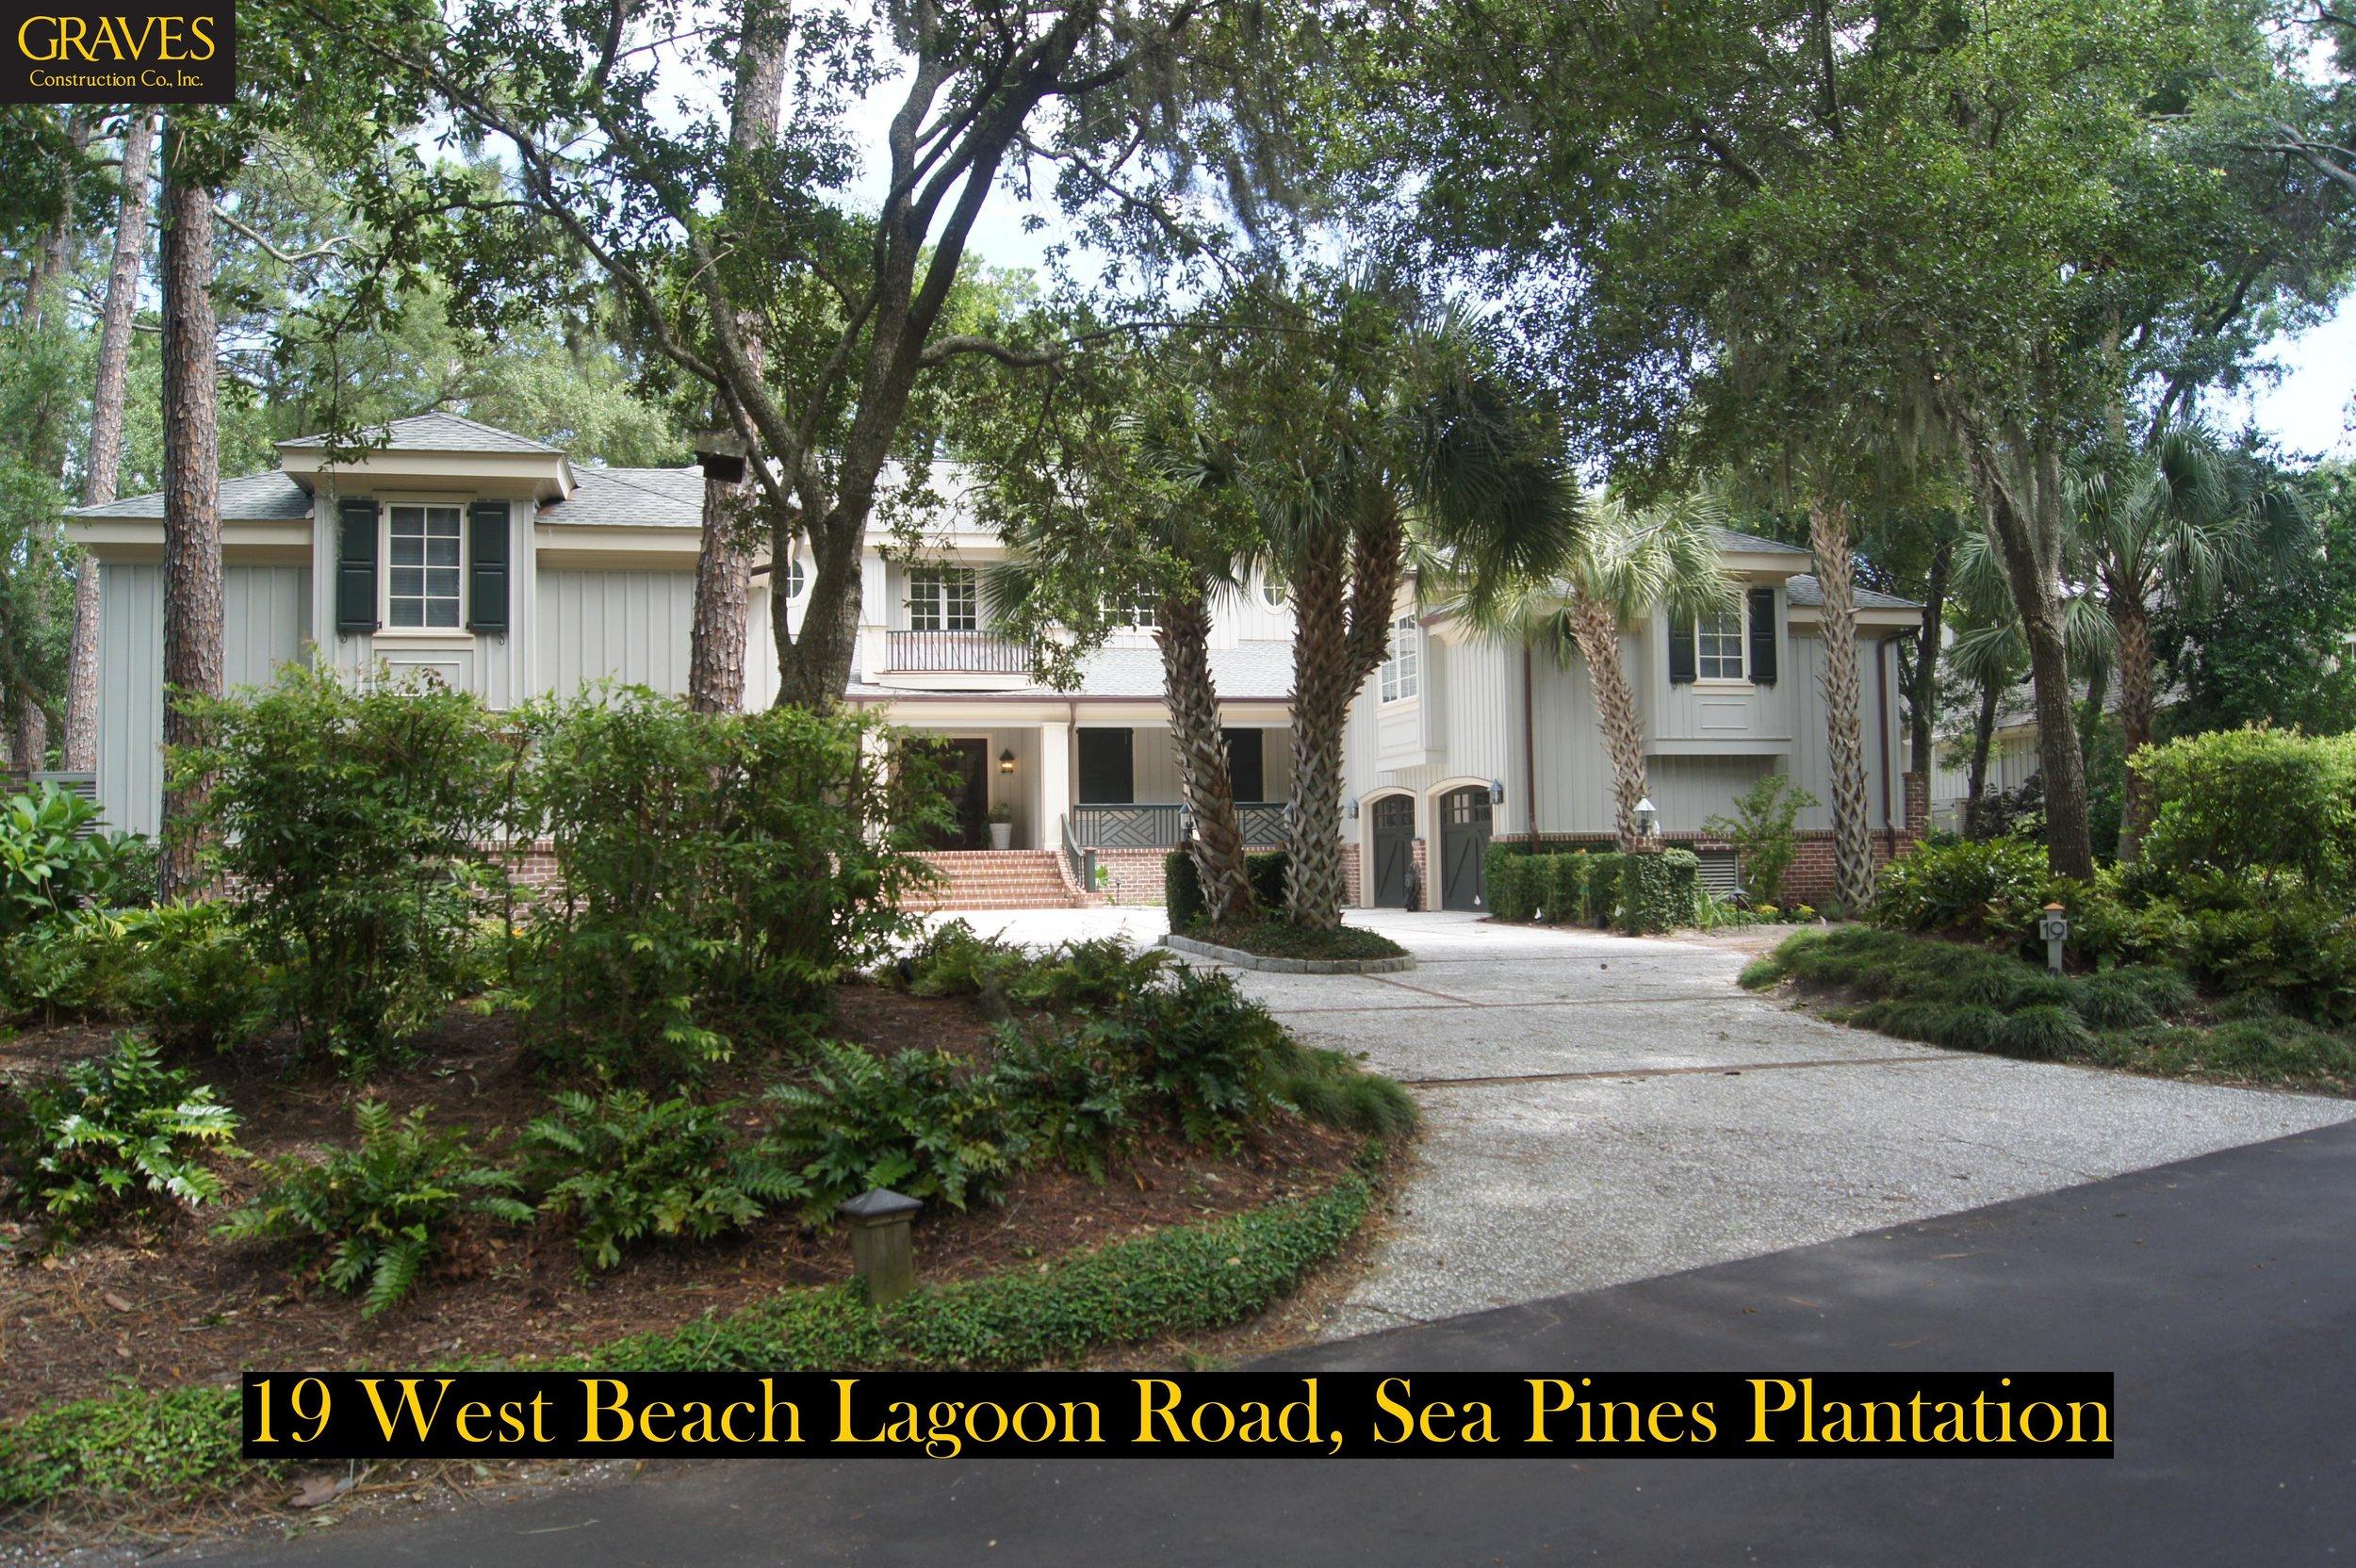 19 West Beach Lagoon Rd - 1